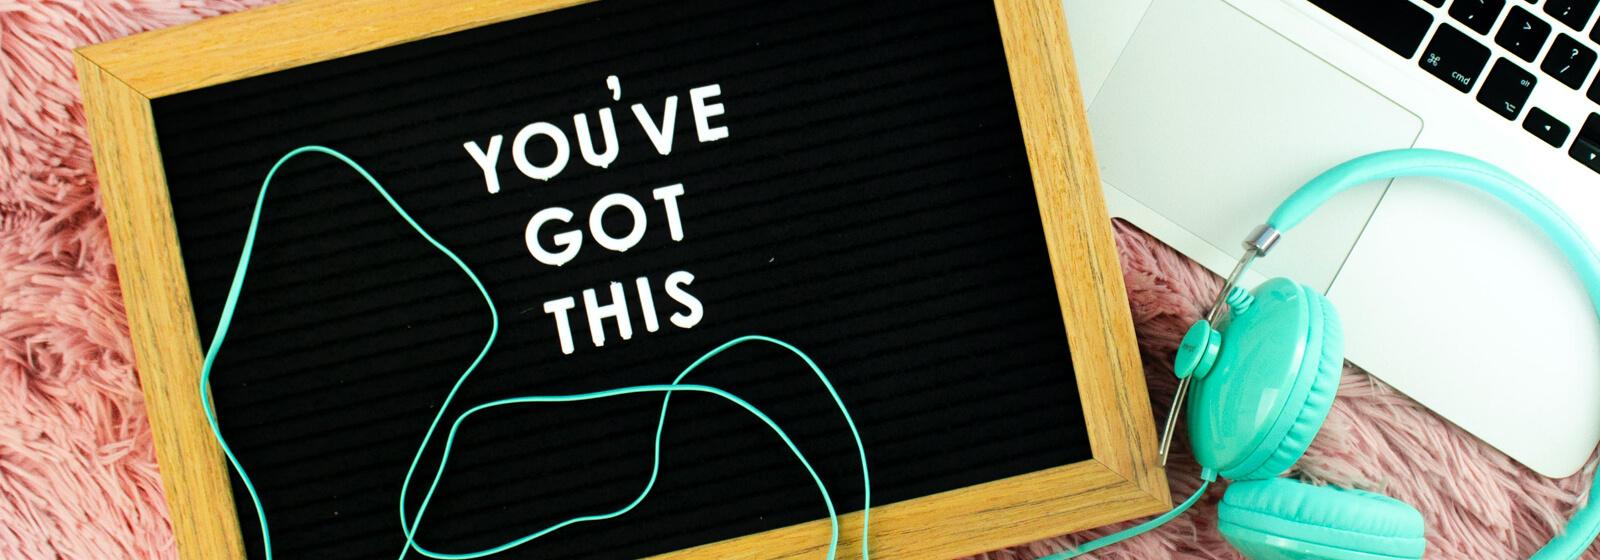 You've Got This image slide